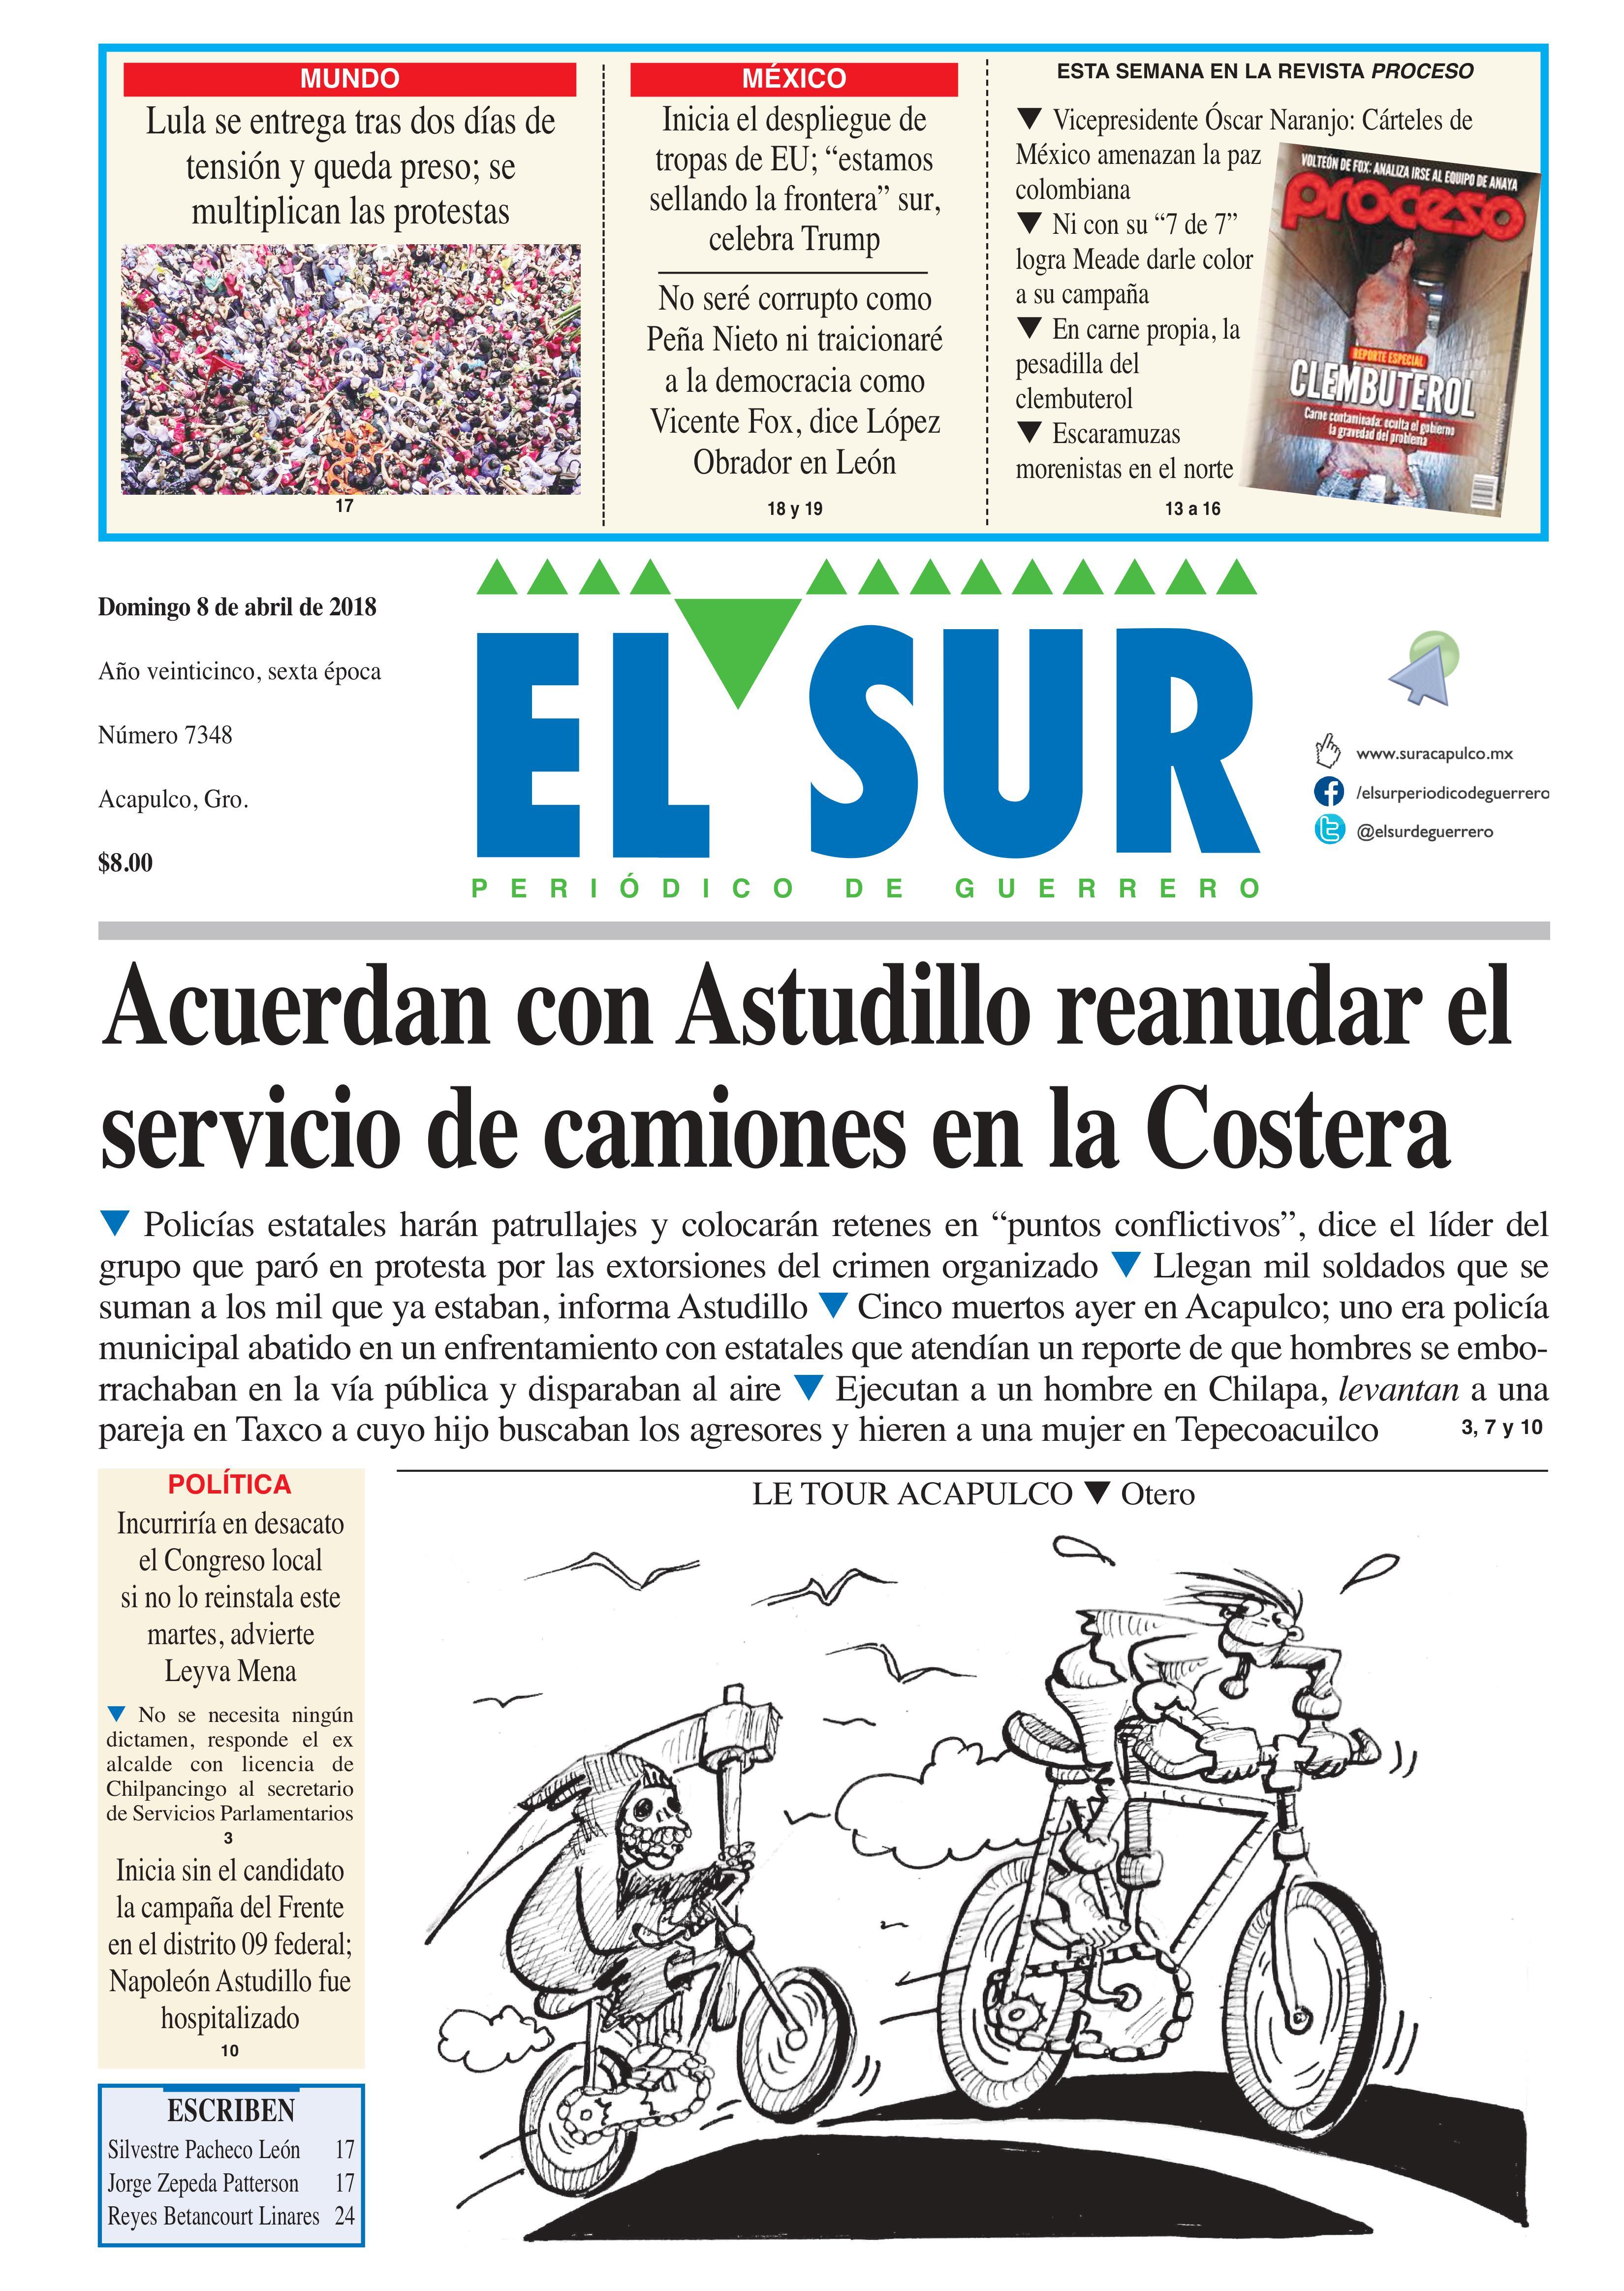 Increíble Reanudar Empresas De Edición Adorno - Ejemplo De Colección ...